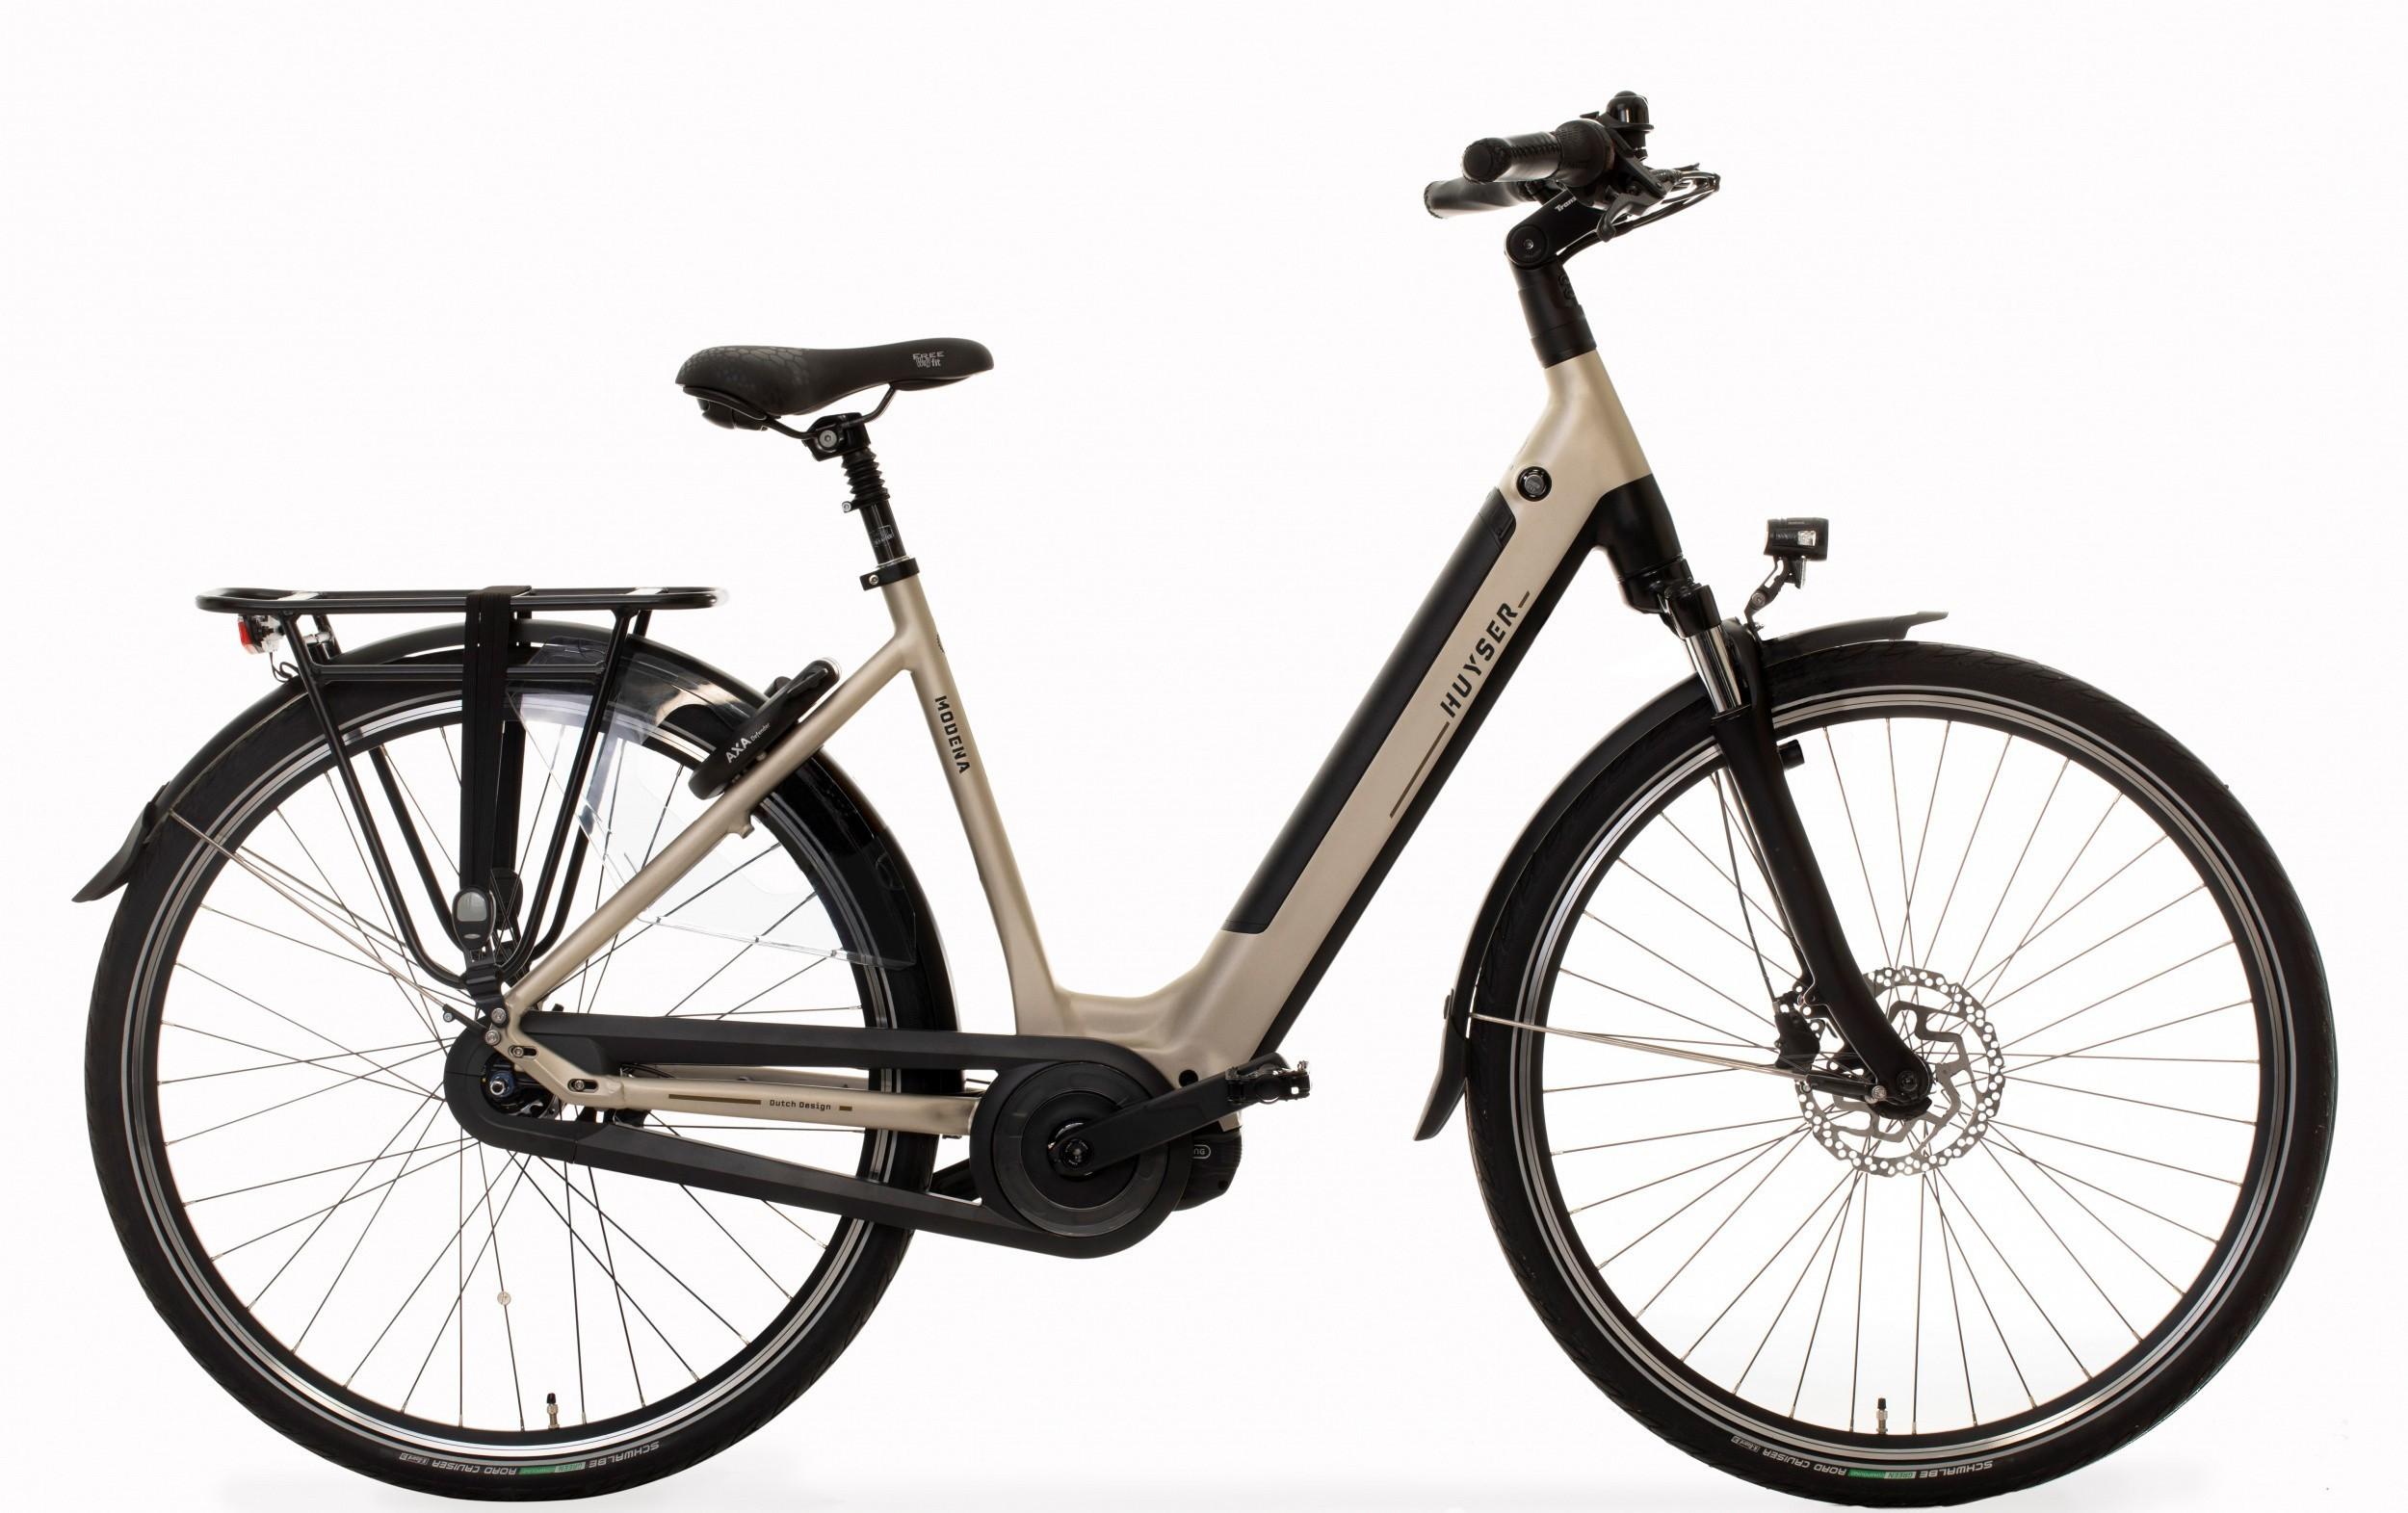 Huyser Modena elektrische fiets 8V met middenmotor